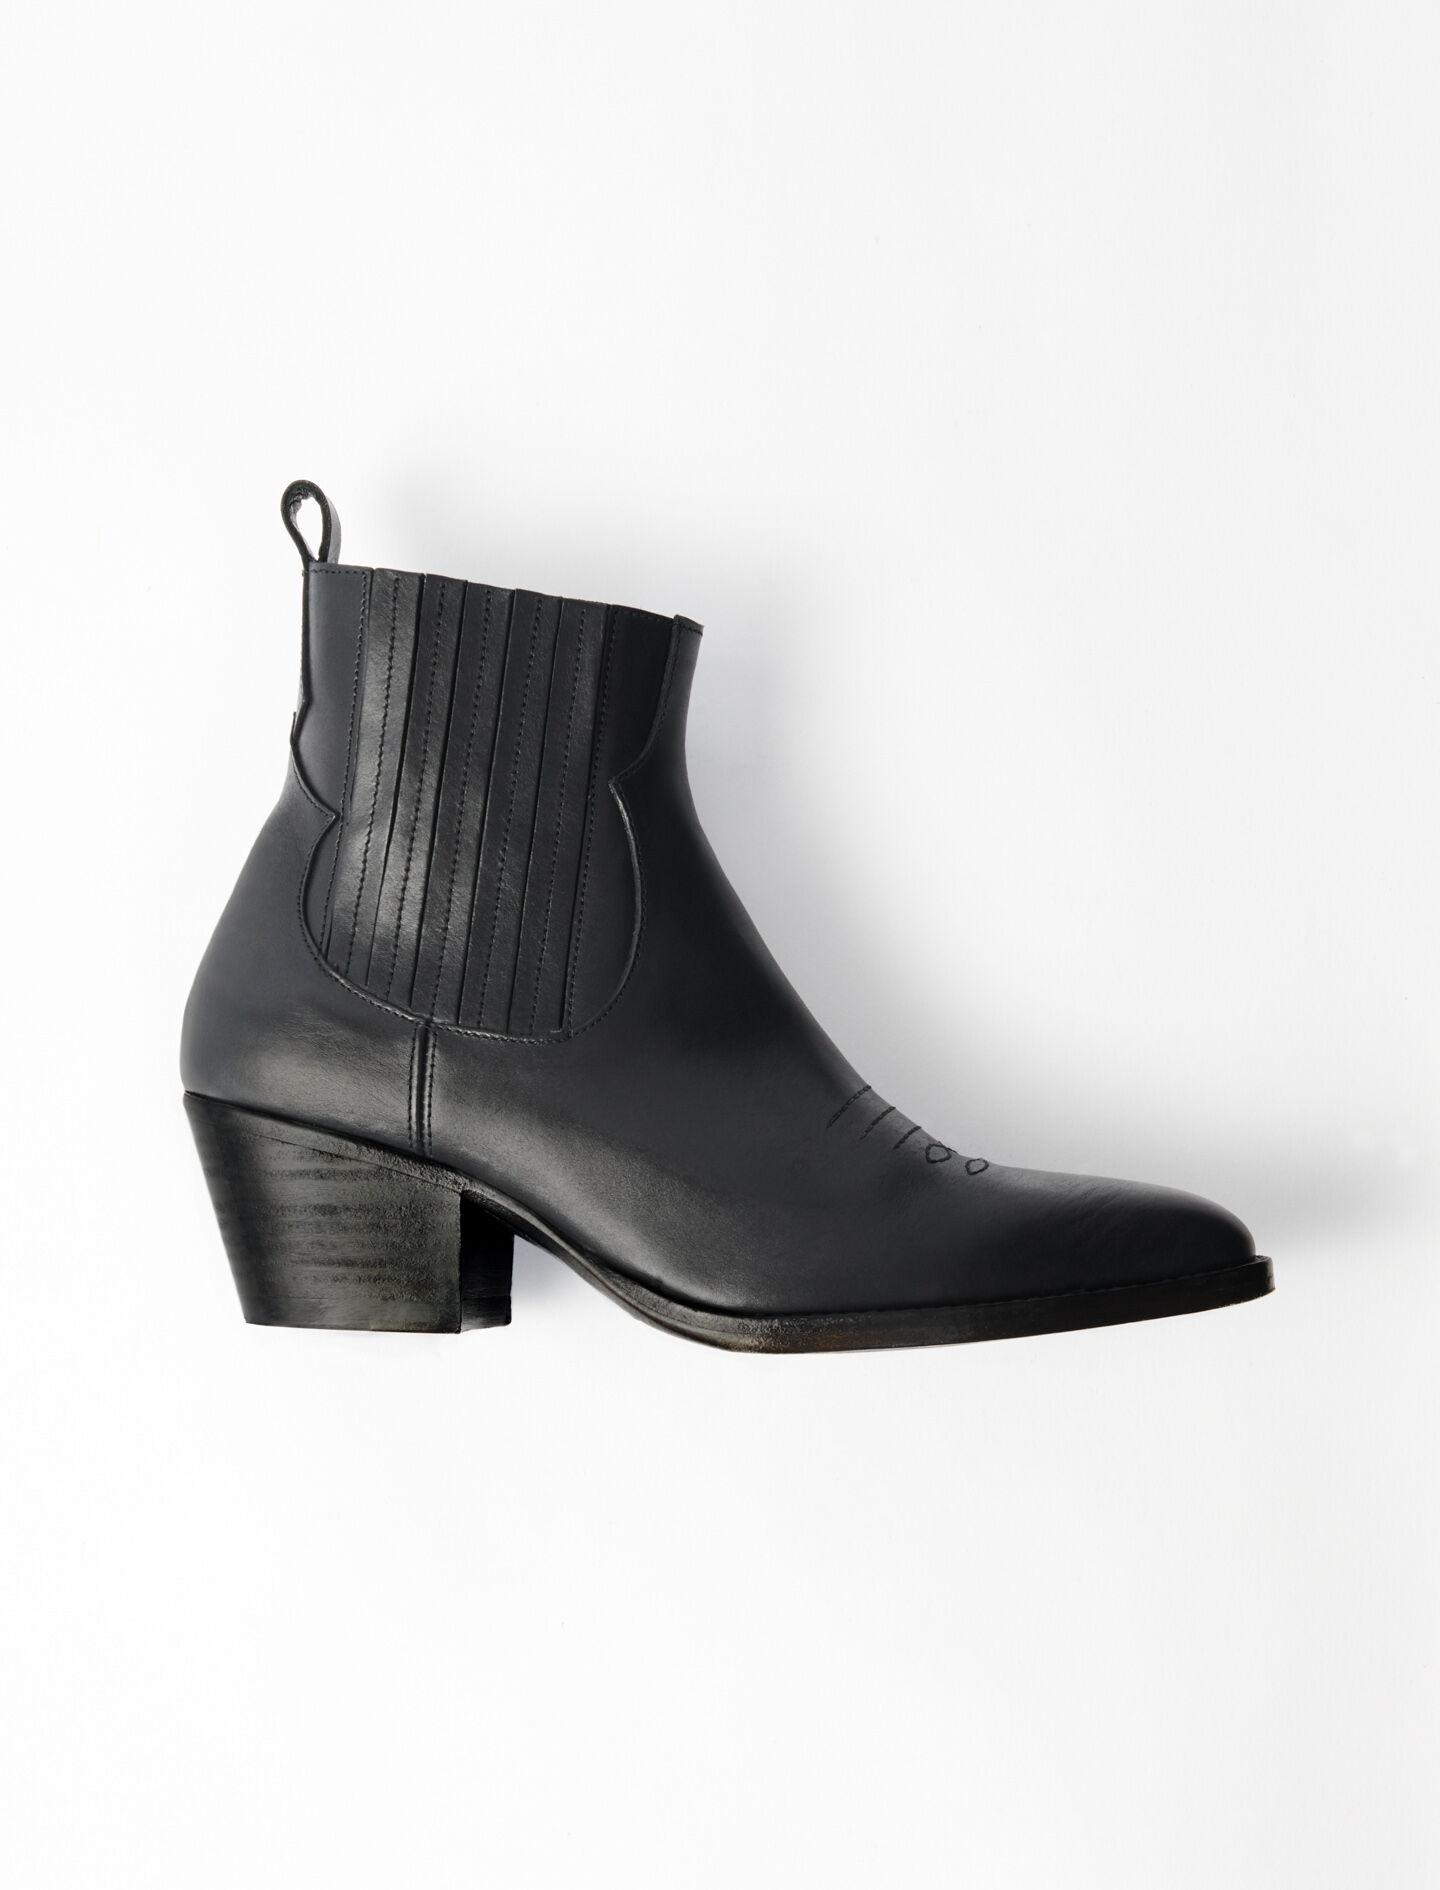 119FARWESTCUIR Leather Cowboy Boots